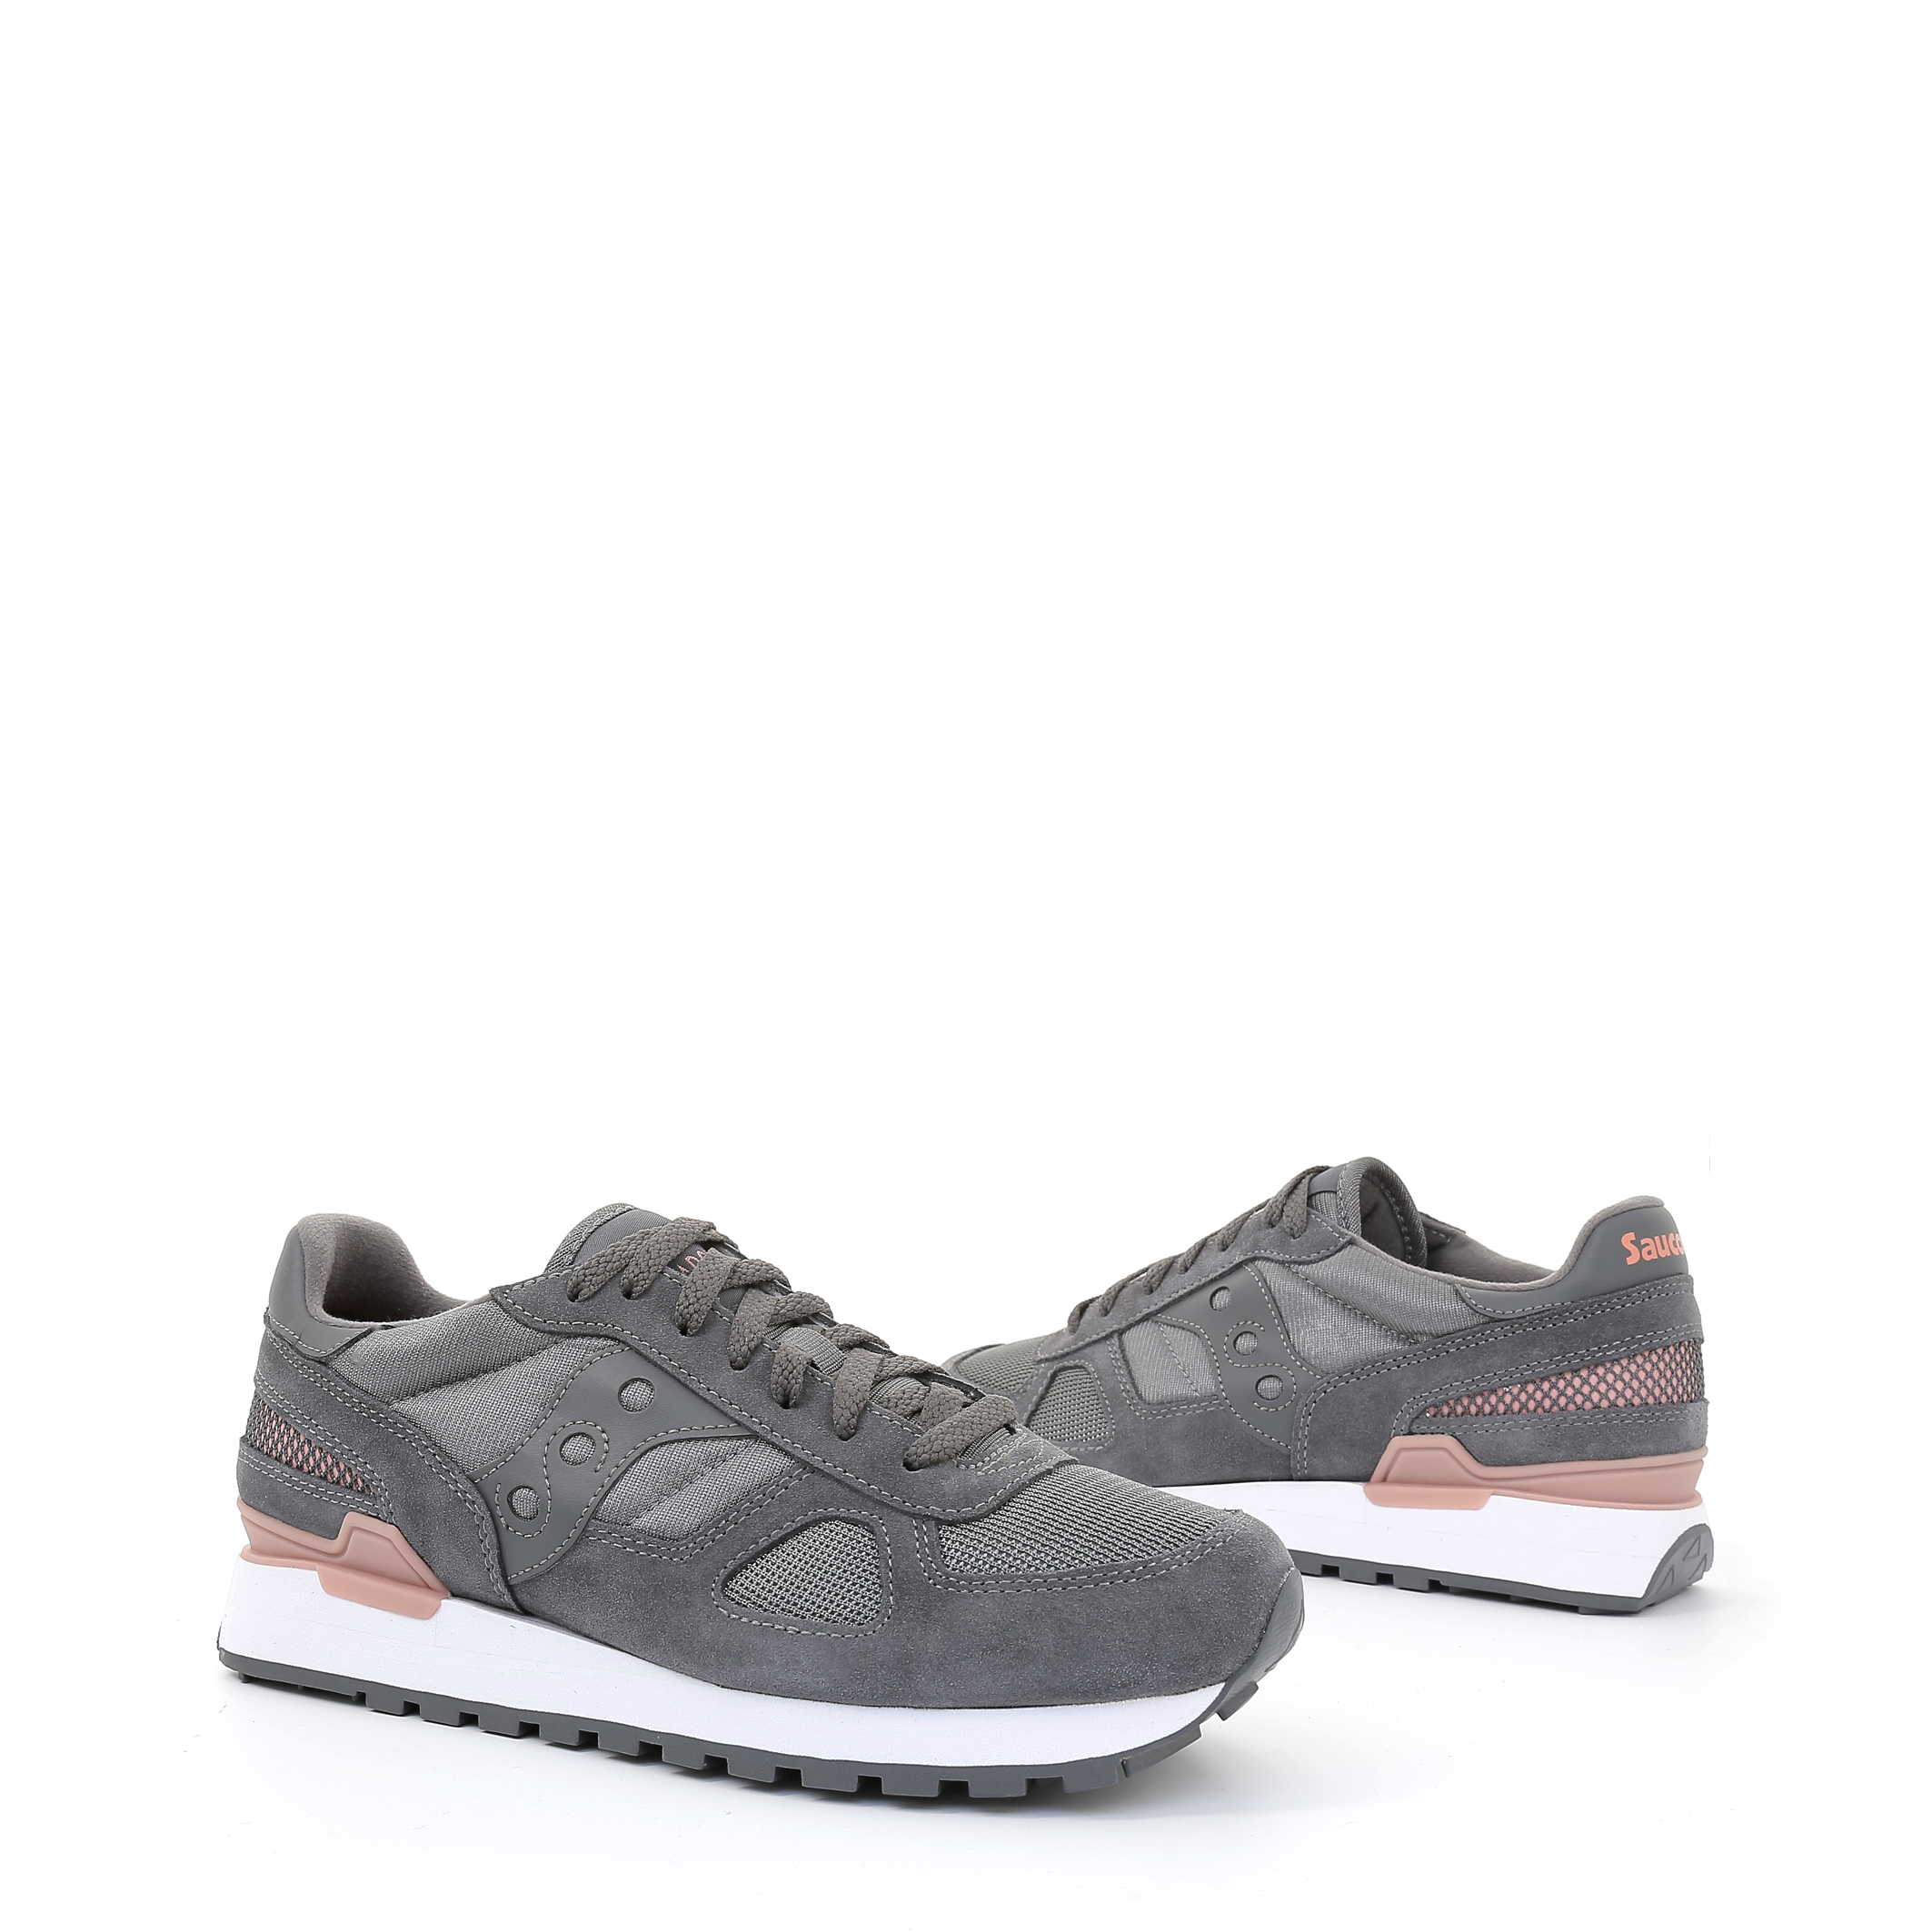 Sneakers-Saucony-SHADOW-2108-Uomo-Grigio-92831 miniatura 2